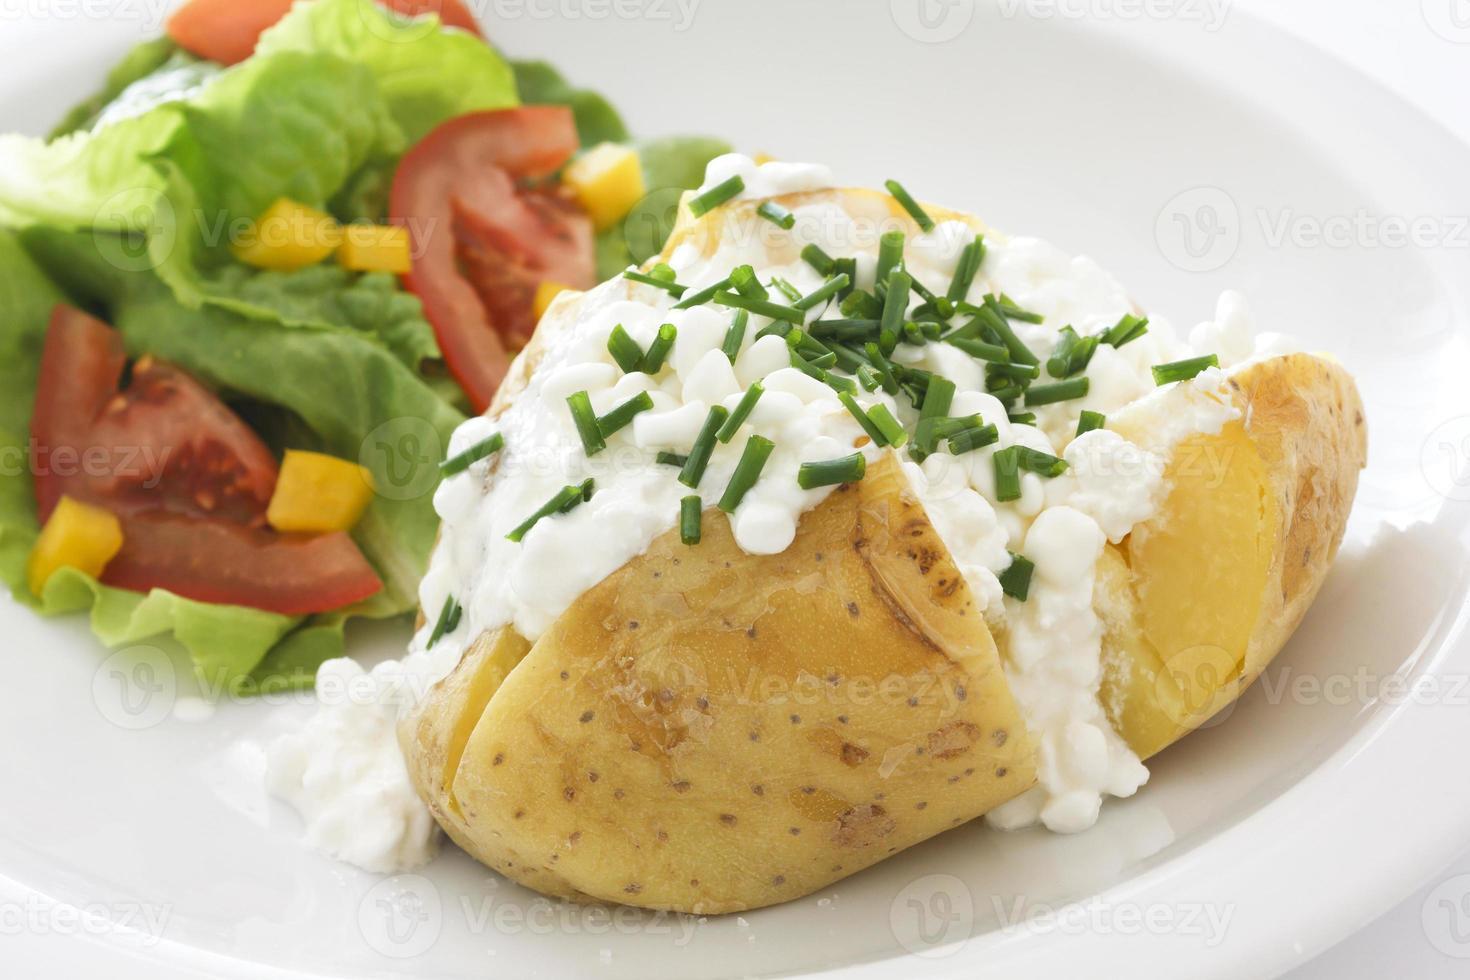 pomme de terre au four avec fromage cottage et ciboulette photo